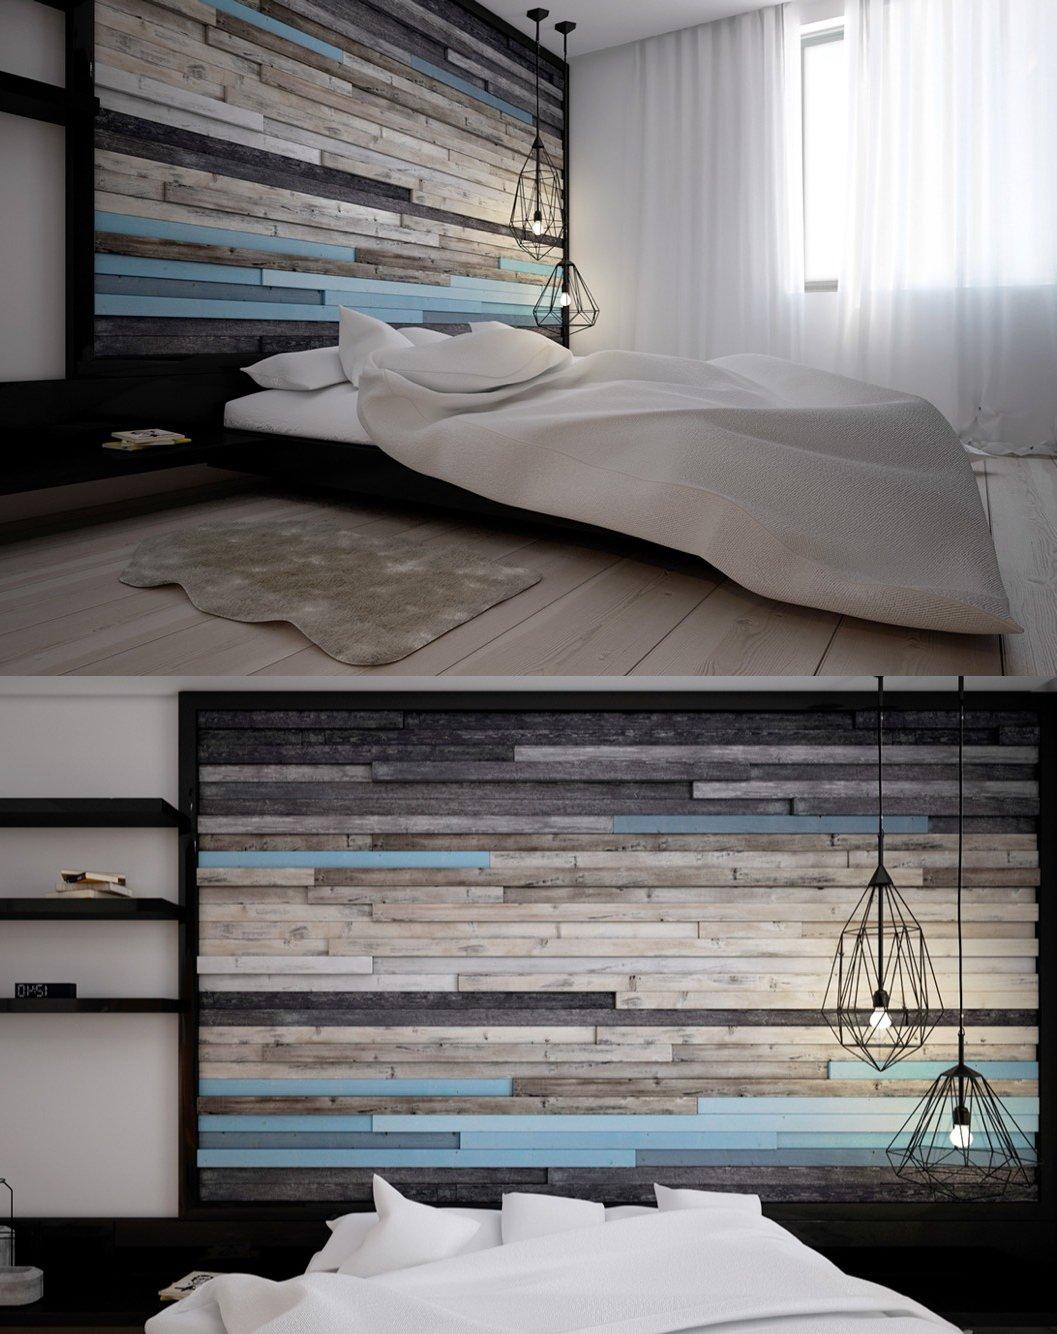 Schlafzimmer Deko: Wänden aus rauem Holz